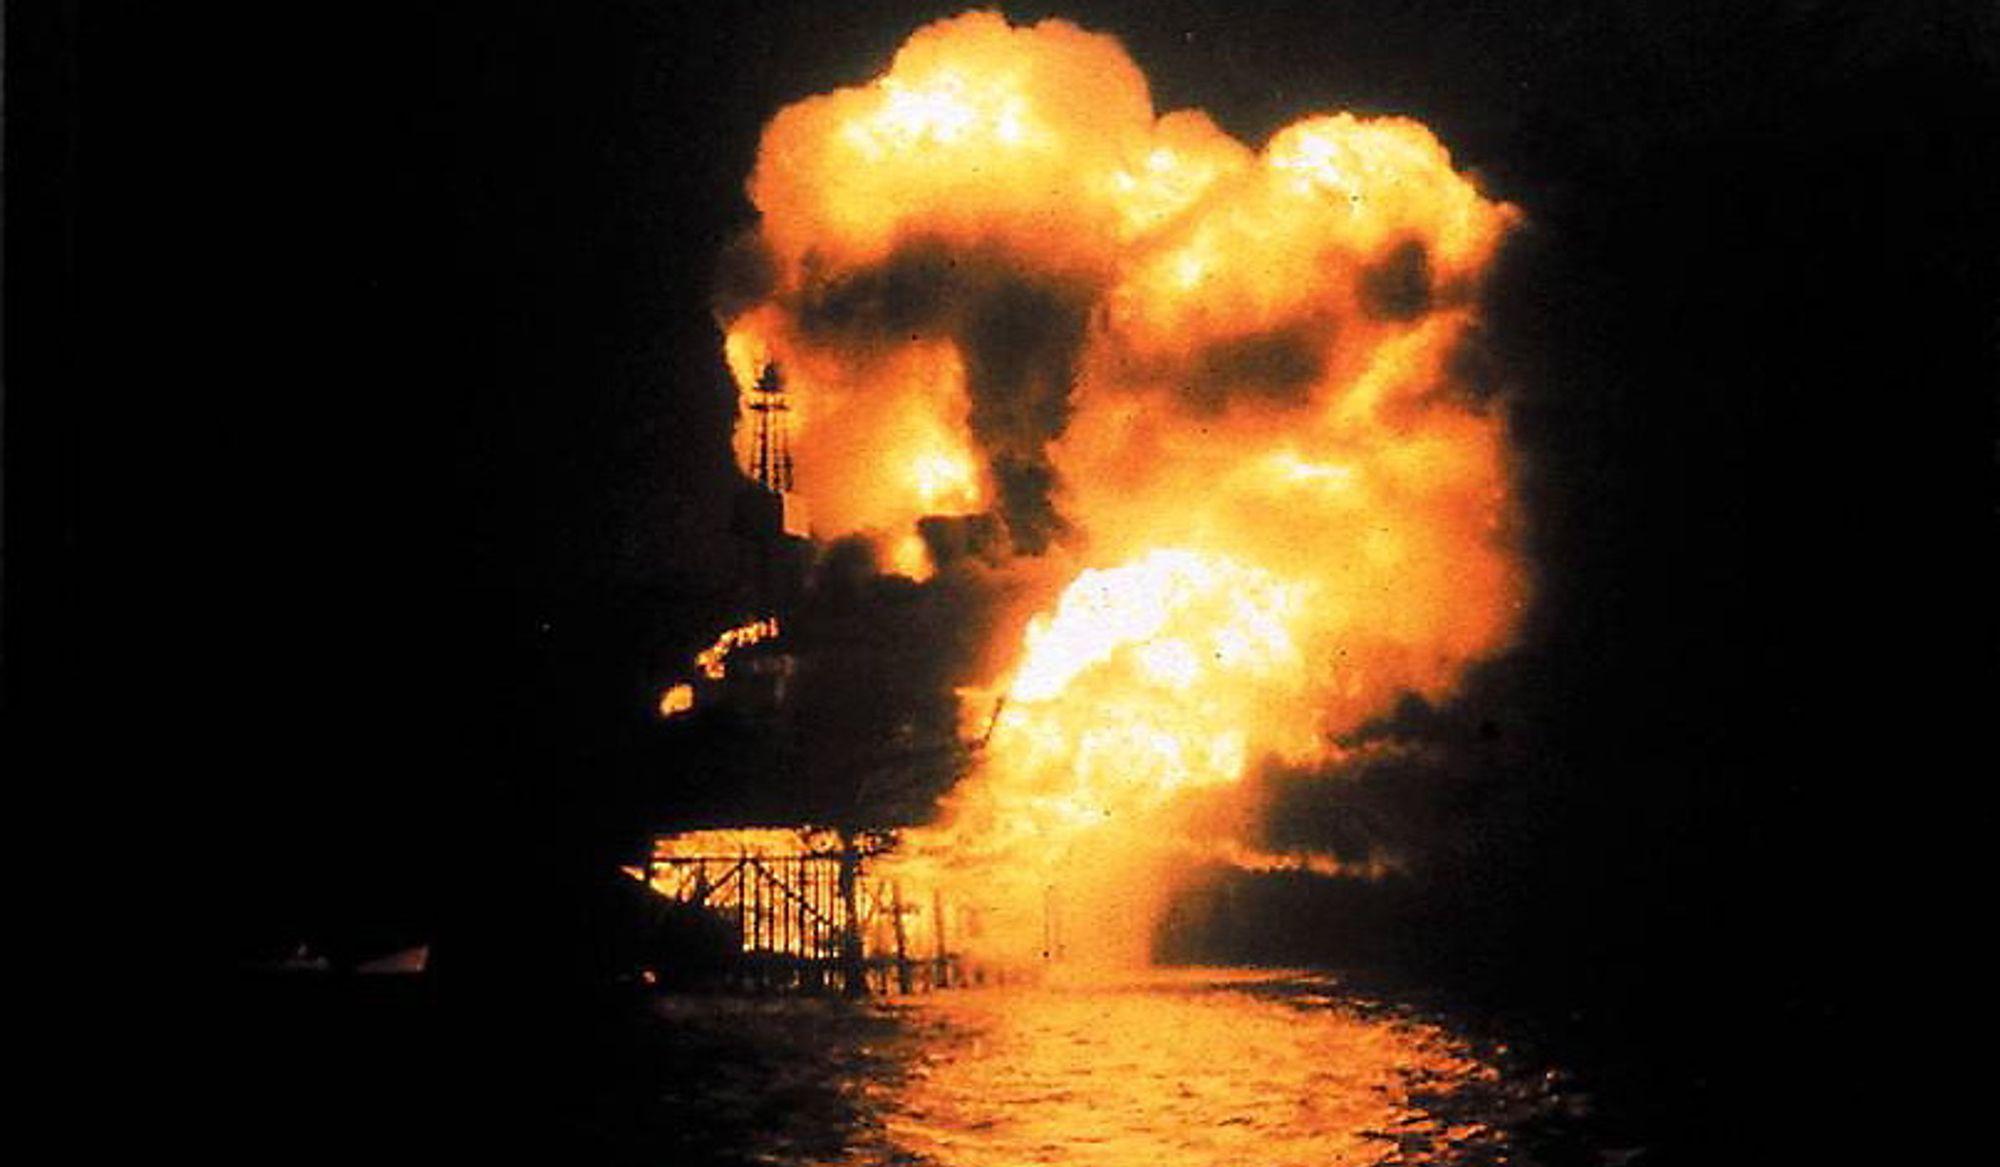 Eksplosjonsbeskyttelse må tas på alvor, her fra Piper Alpha ulykken på britisk sektor i Nordsjøen.